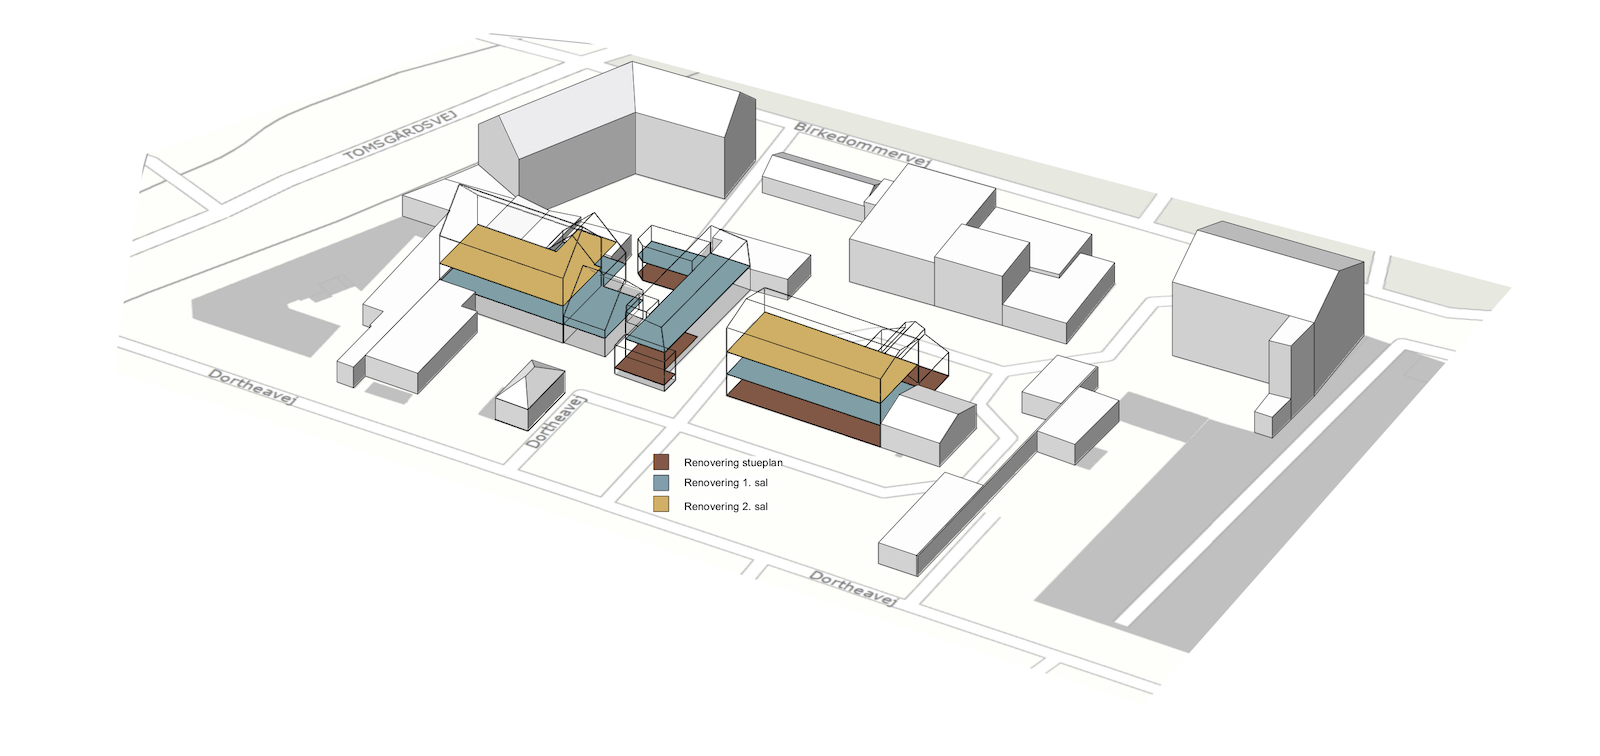 Ombygning af industribygninger til kontorer: Dortheavej 10 og 12 (3D situationsplan)